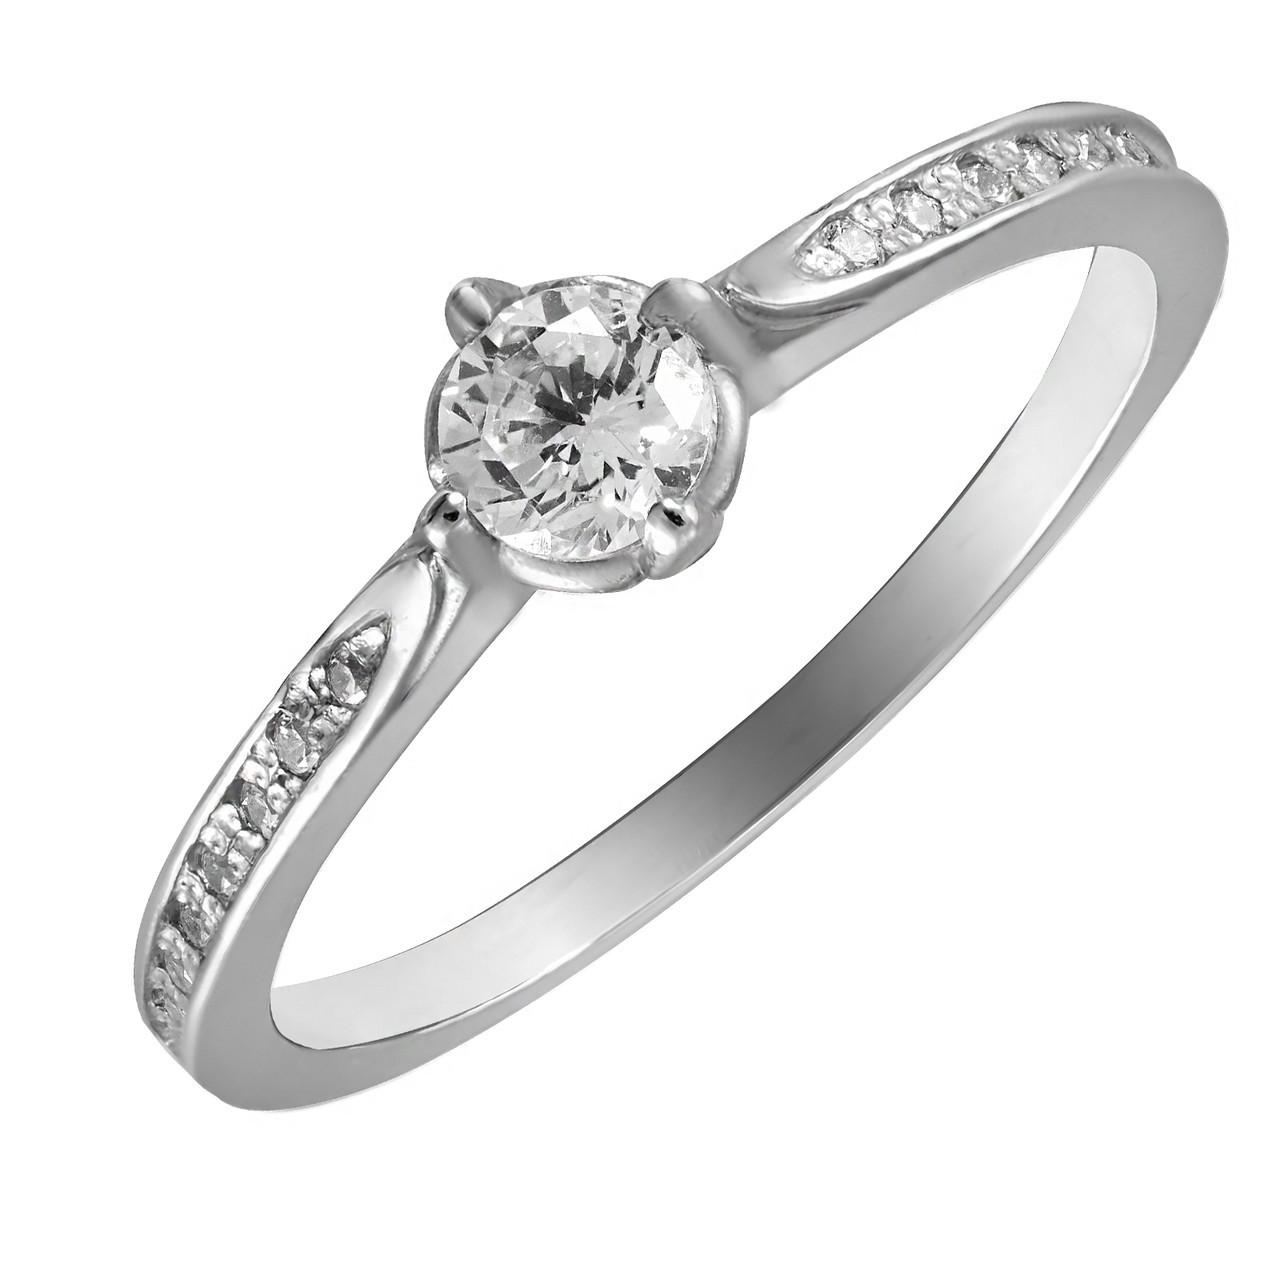 Кольцо из серебра с кубическим цирконием Twiddle Jewelry 20.0 размер (К009-20.0)